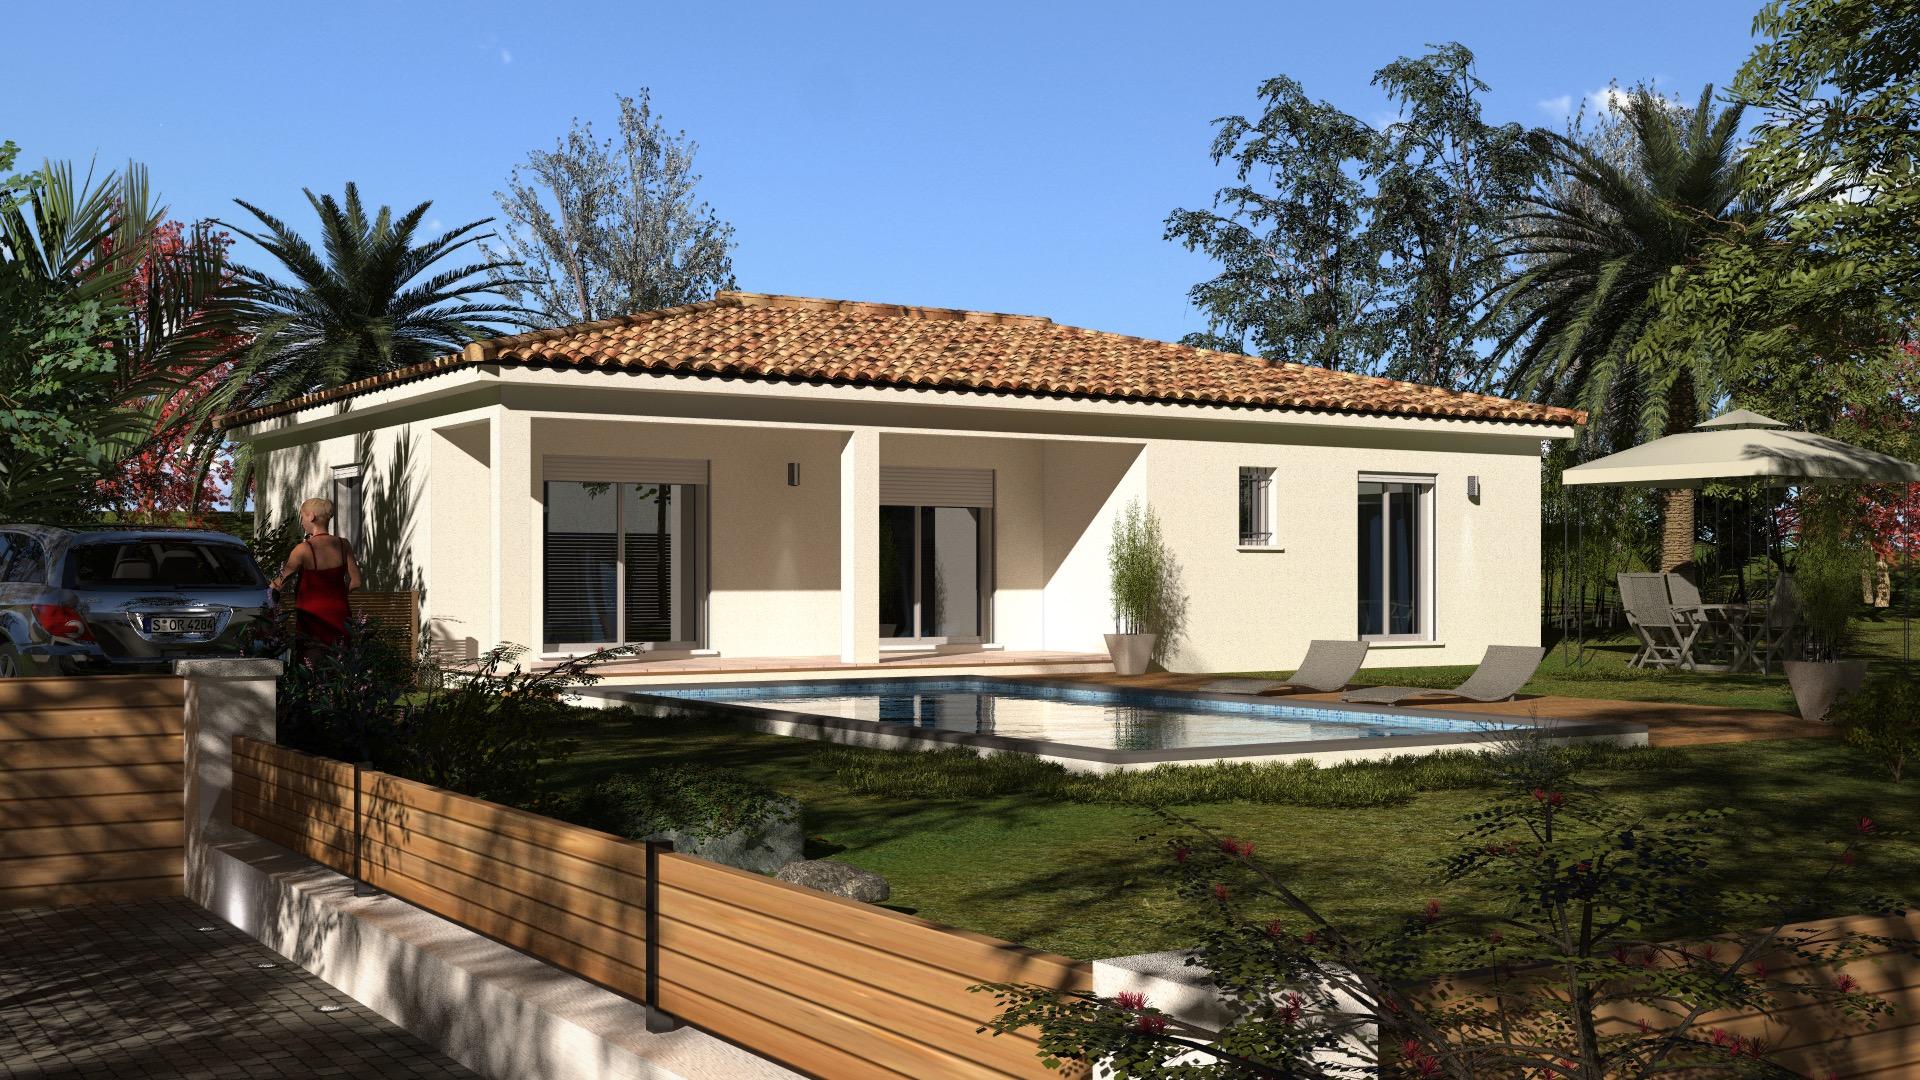 Maisons prestige maison et villa with maisons prestige for Villa et prestige